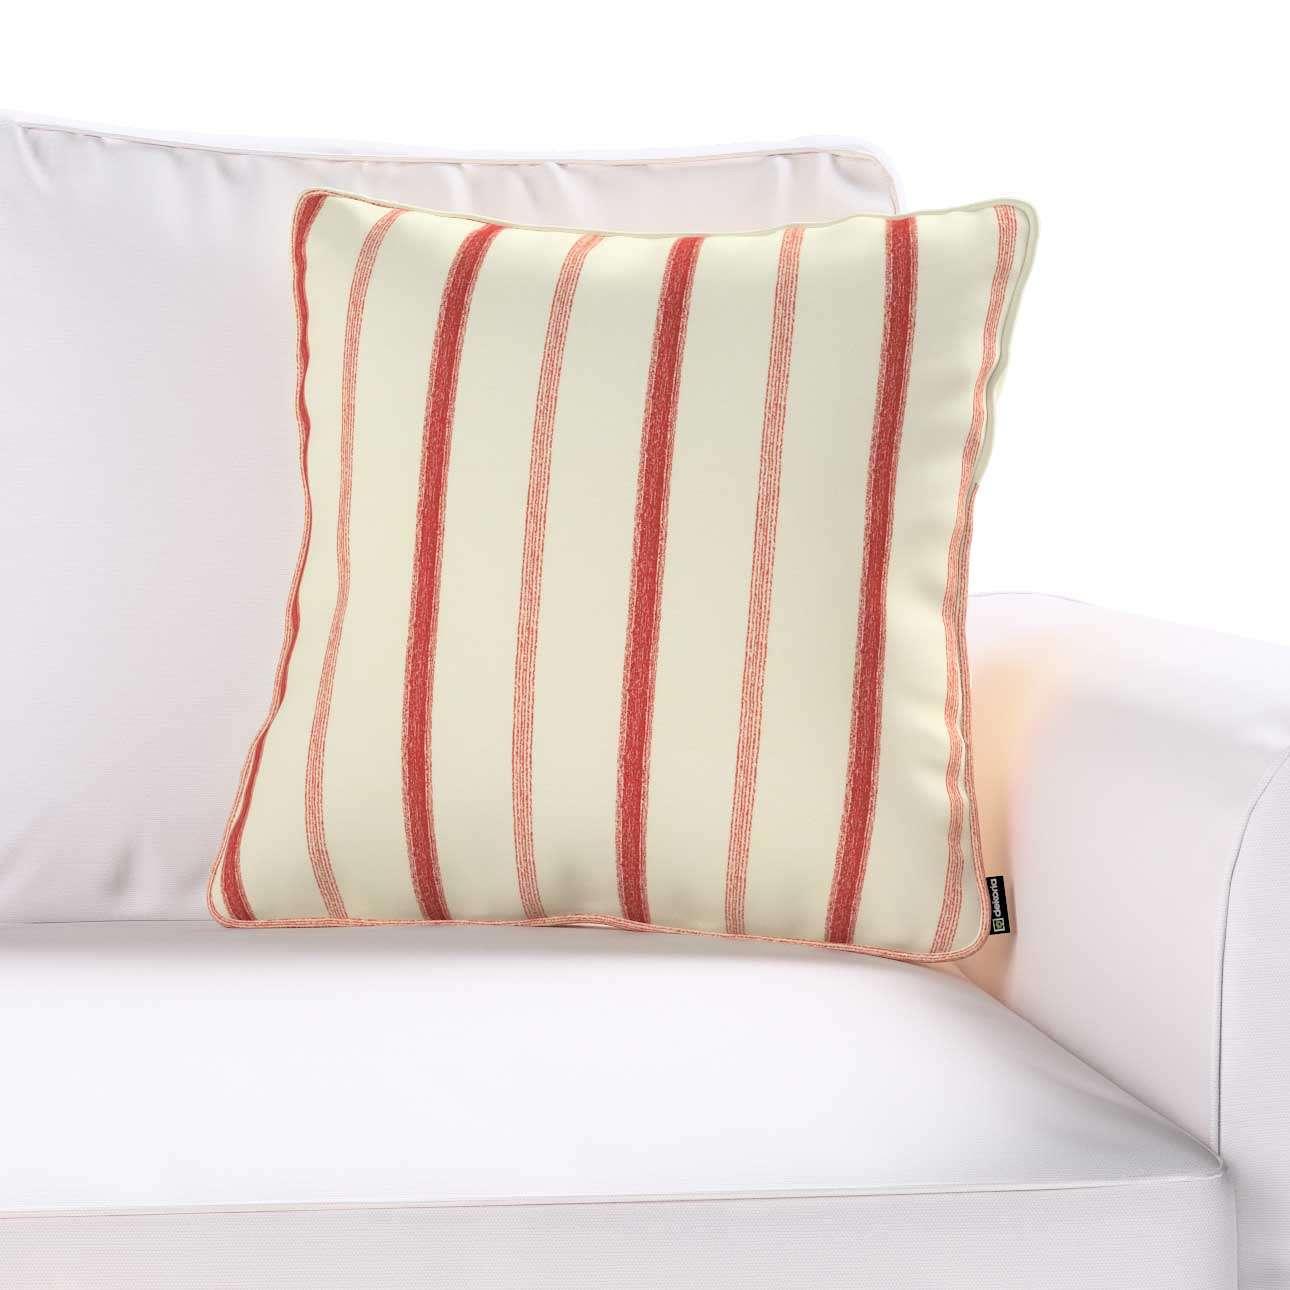 Poszewka Gabi na poduszkę w kolekcji Avinon, tkanina: 129-15